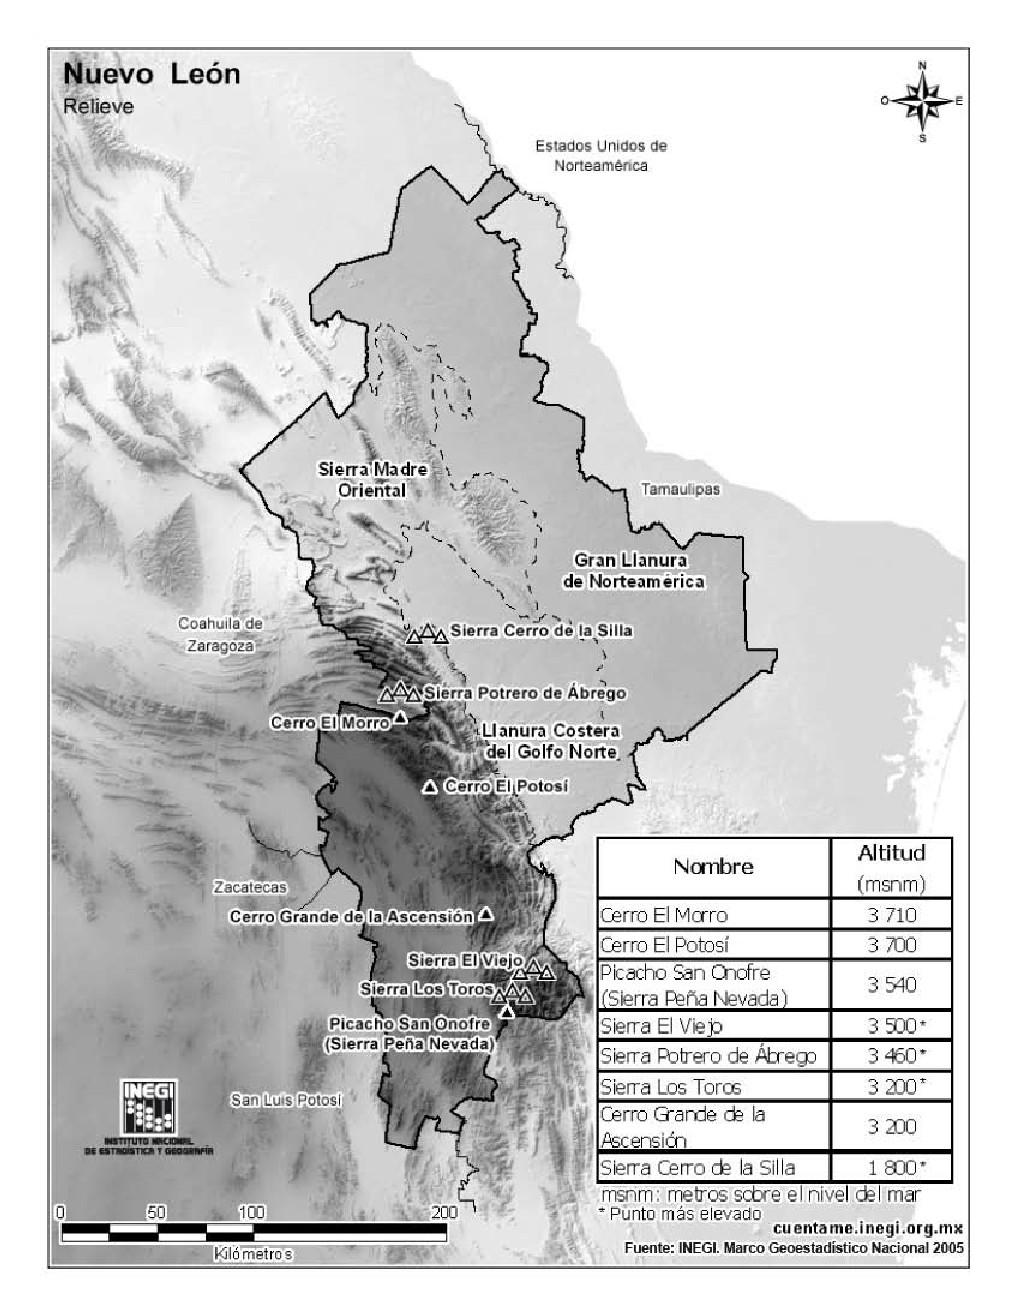 Mapa de montañas de Nuevo León. INEGI de México